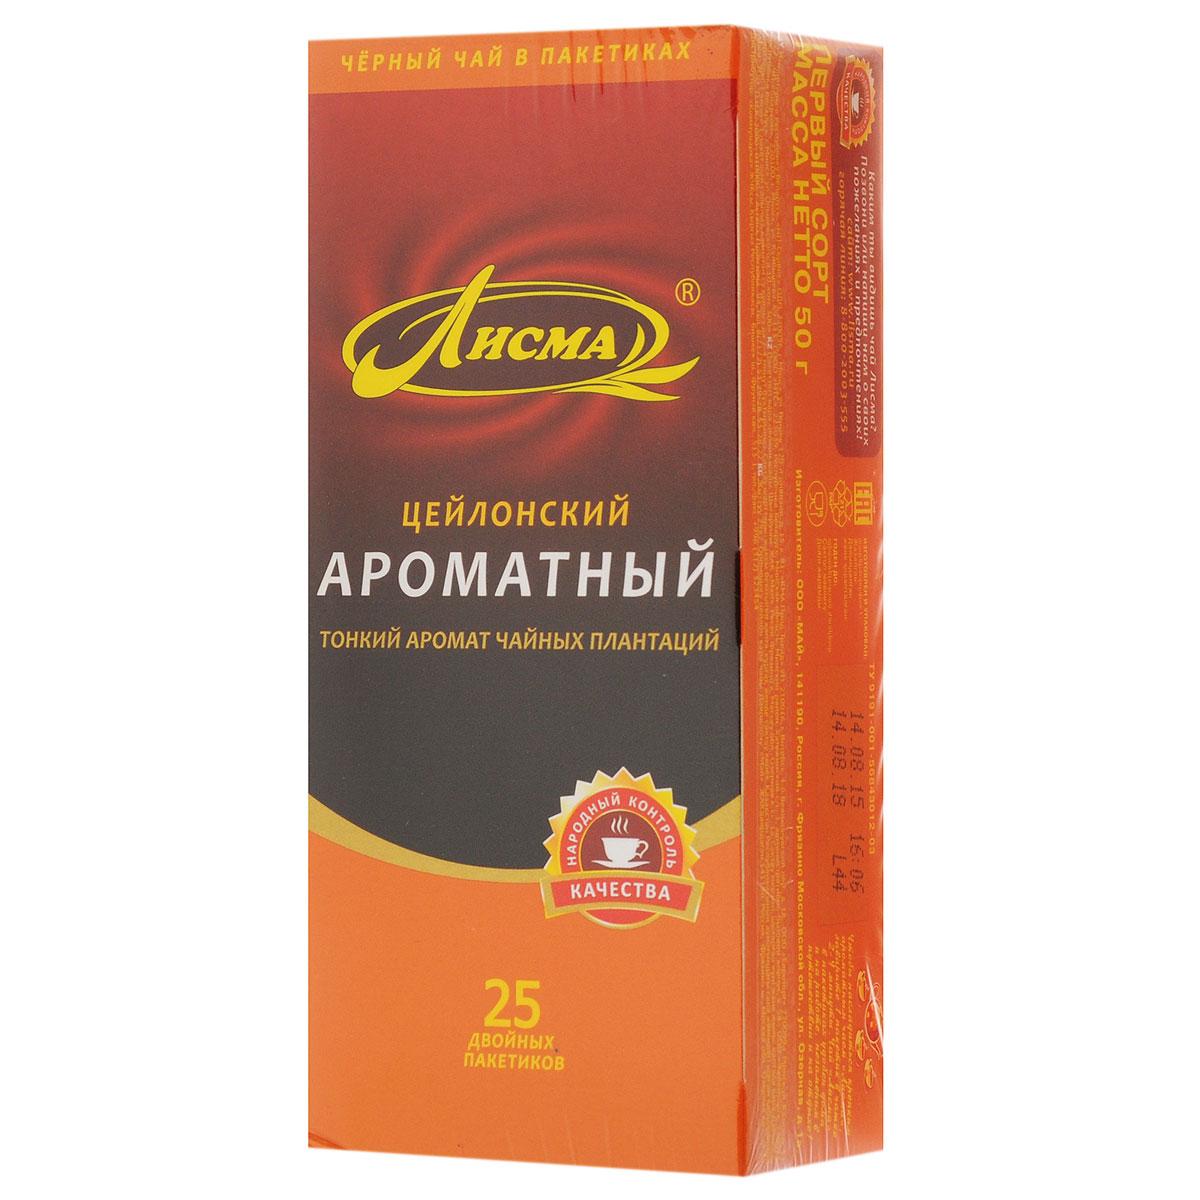 Лисма Ароматный черный чай в пакетиках, 25 шт